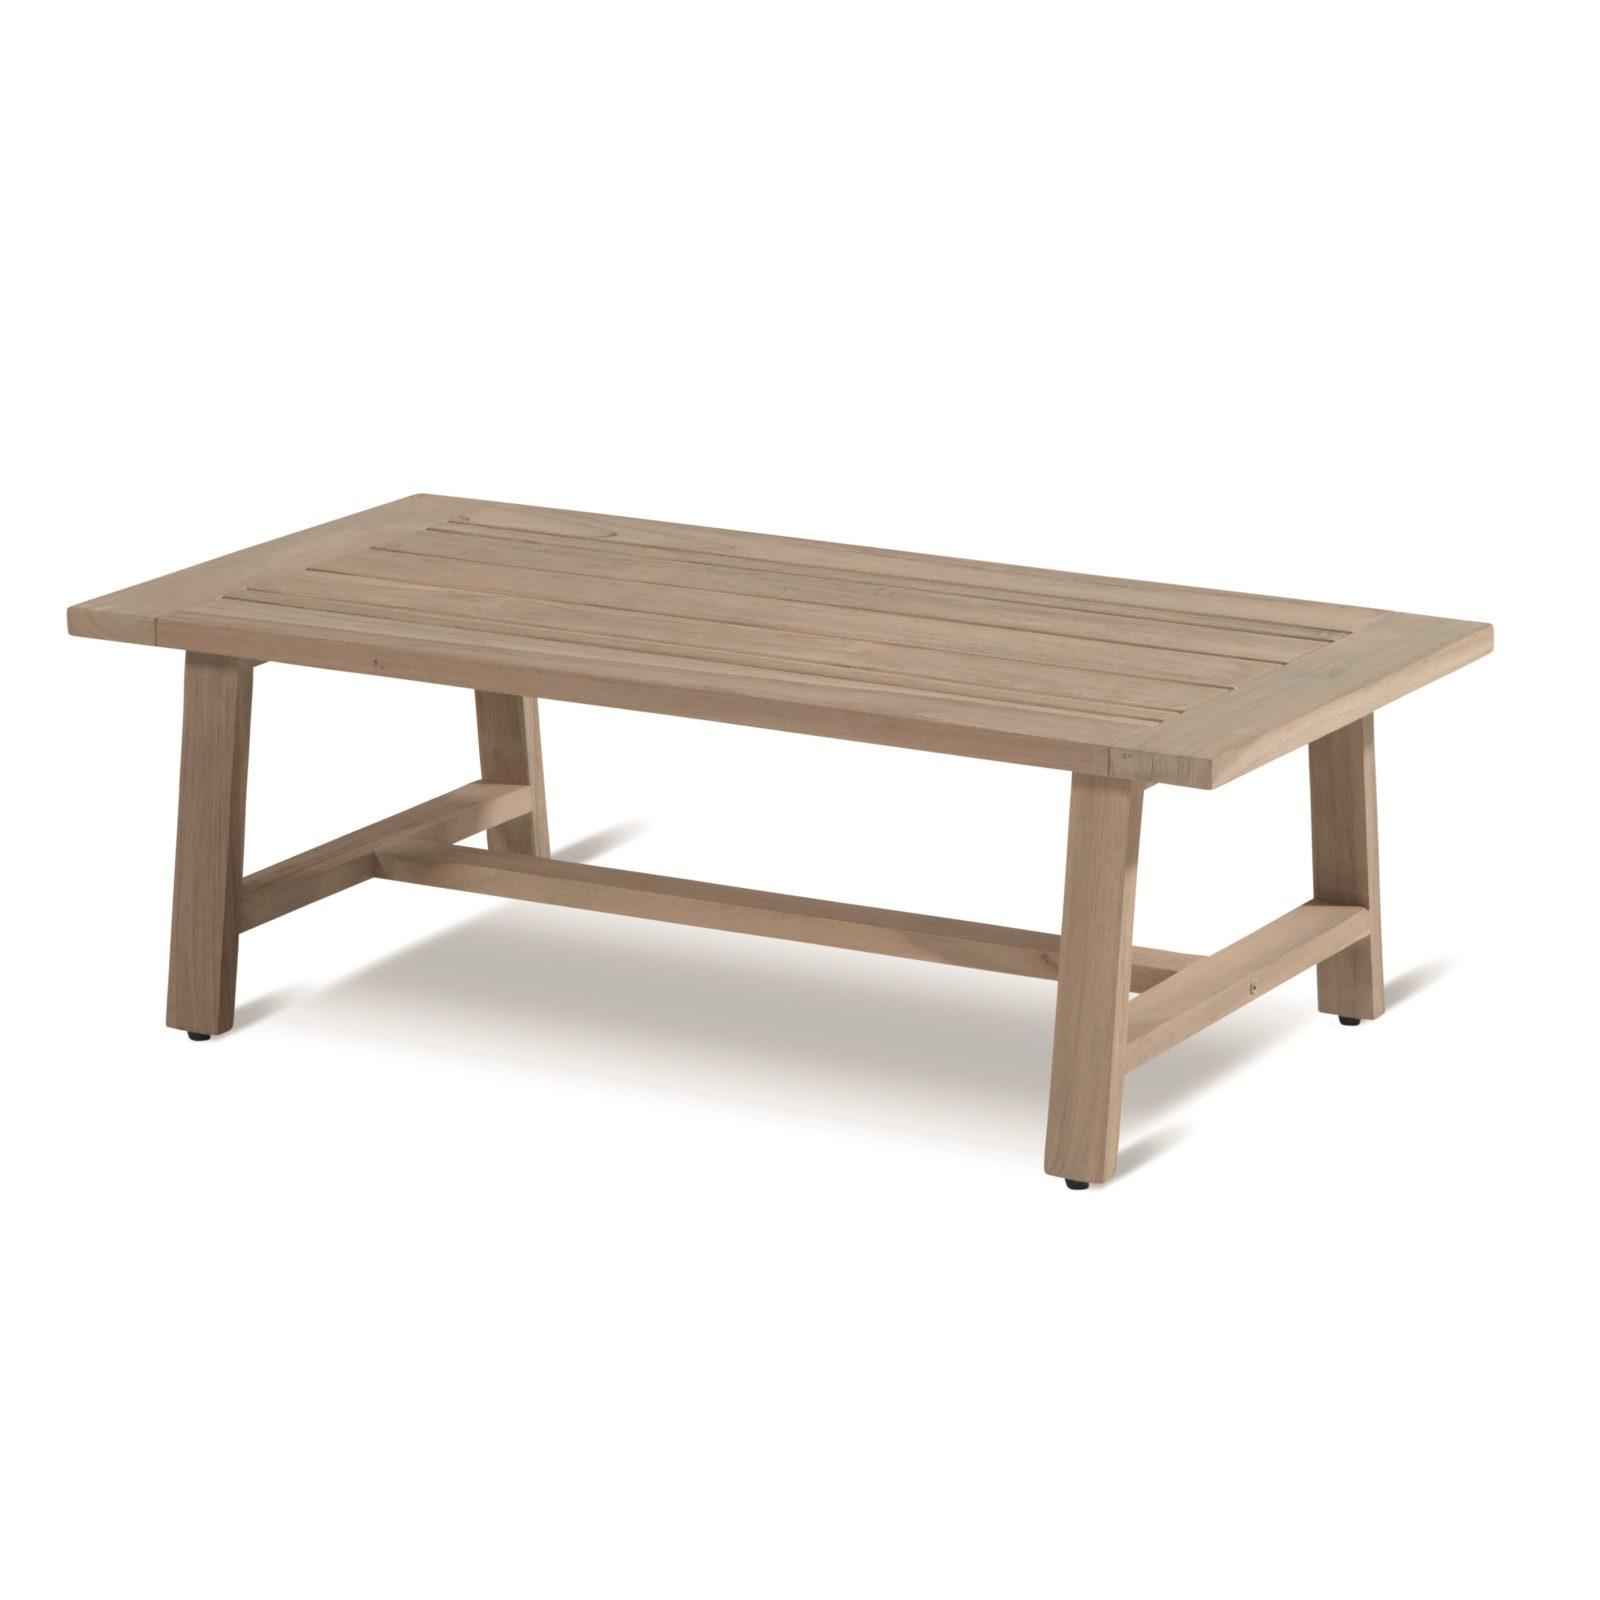 kvalitets teak havebord spisebord